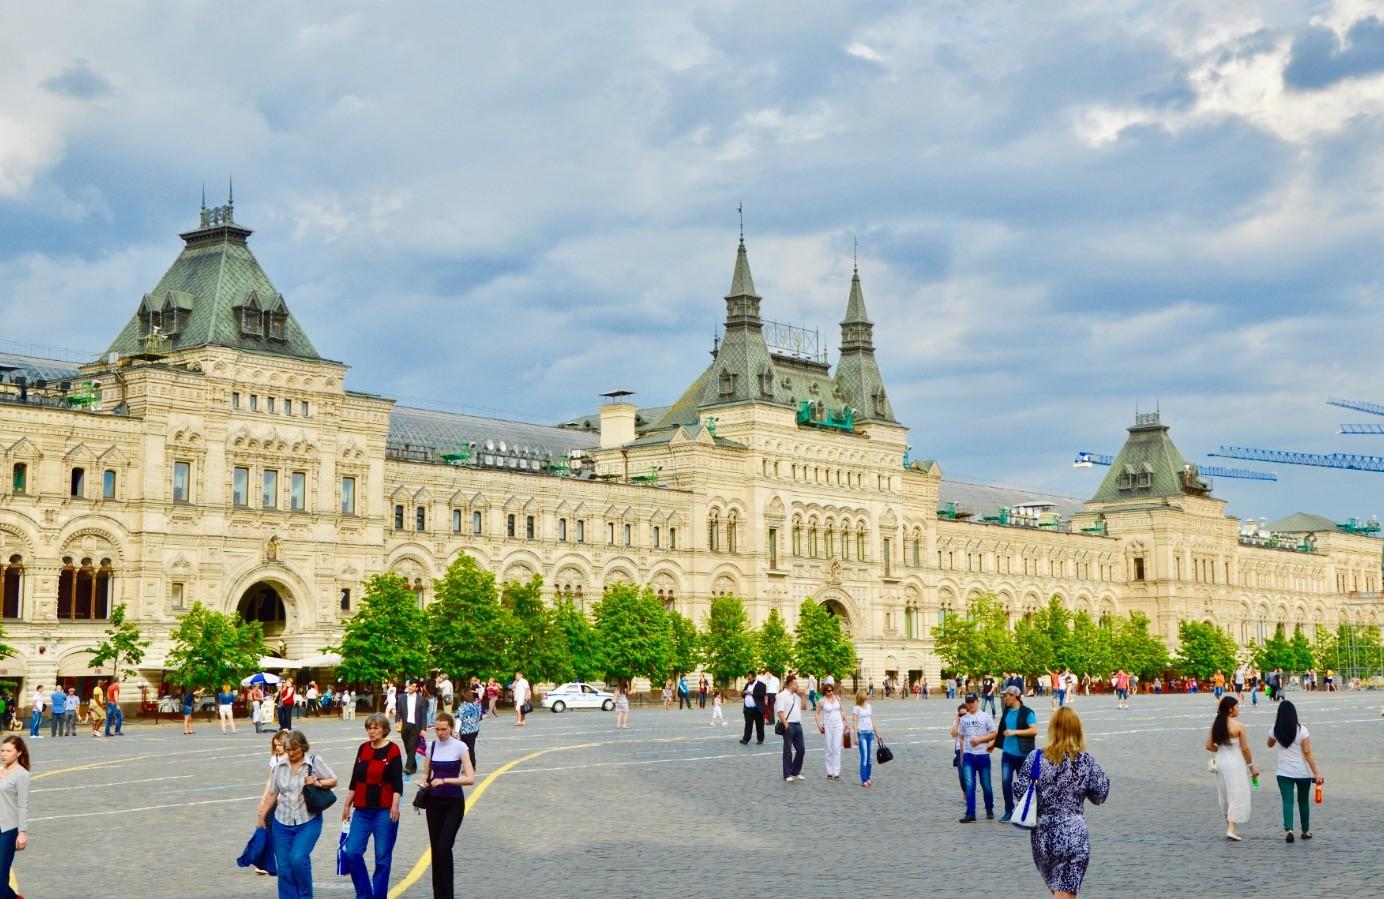 Kaufhaus GUM am Roten Platz, Moskau